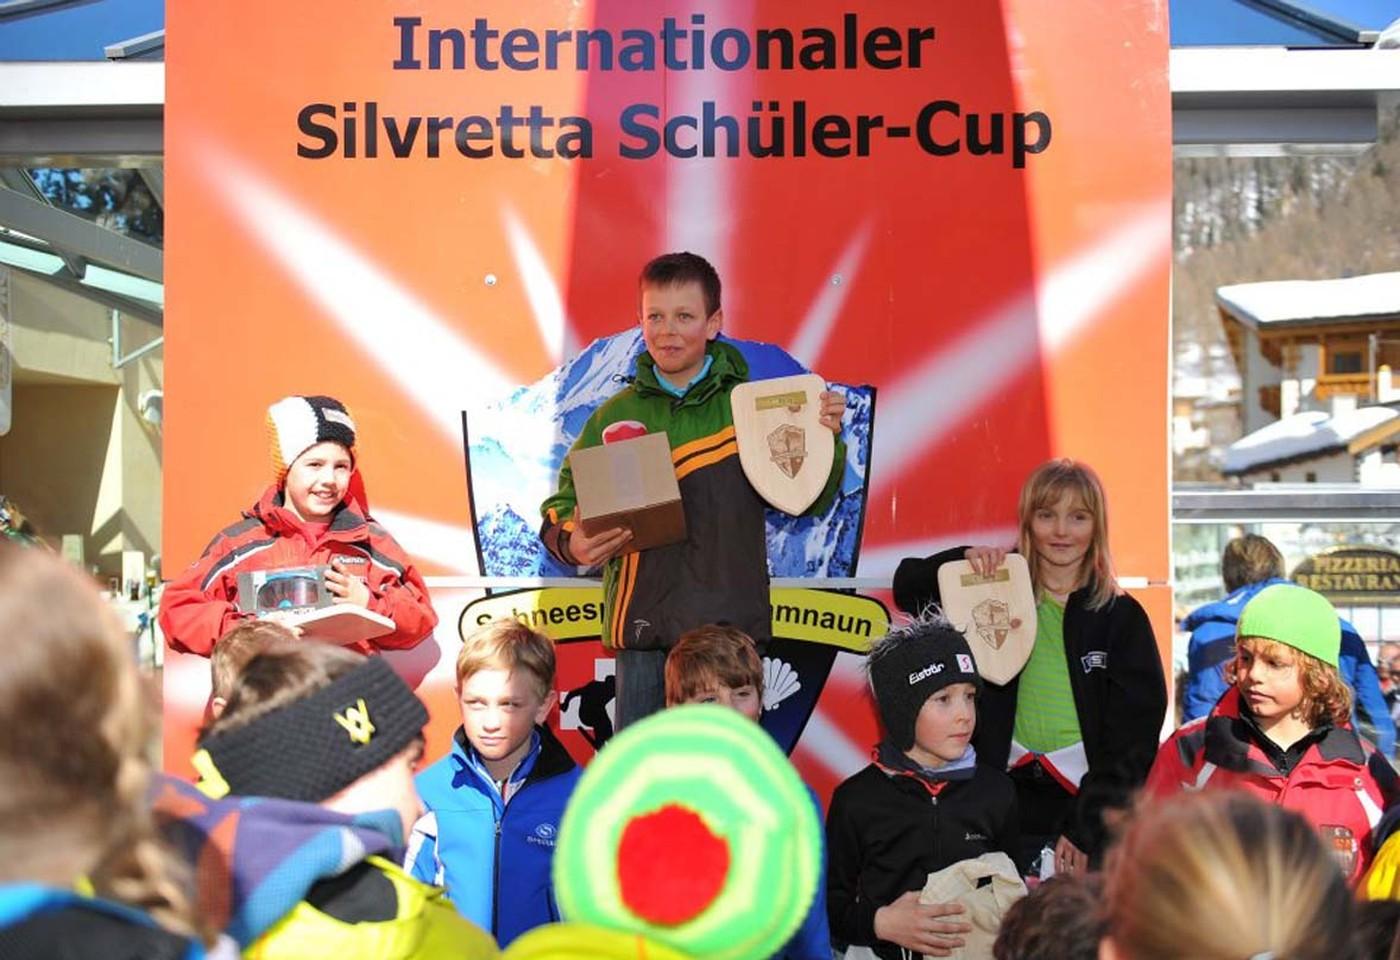 Silvretta Schueler Cup